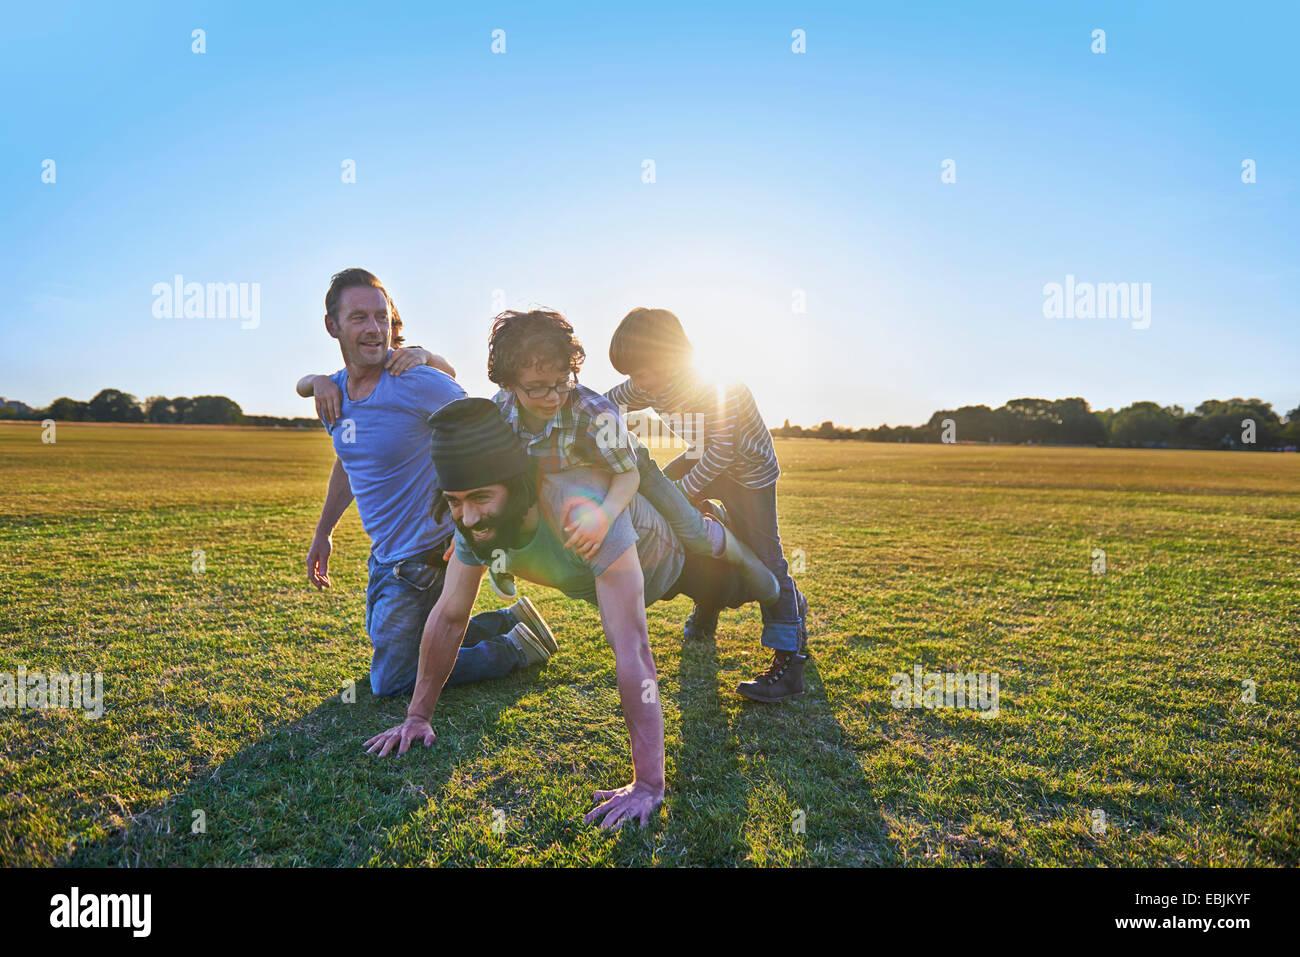 Famiglia godendo di attività all'aperto nel parco Immagini Stock